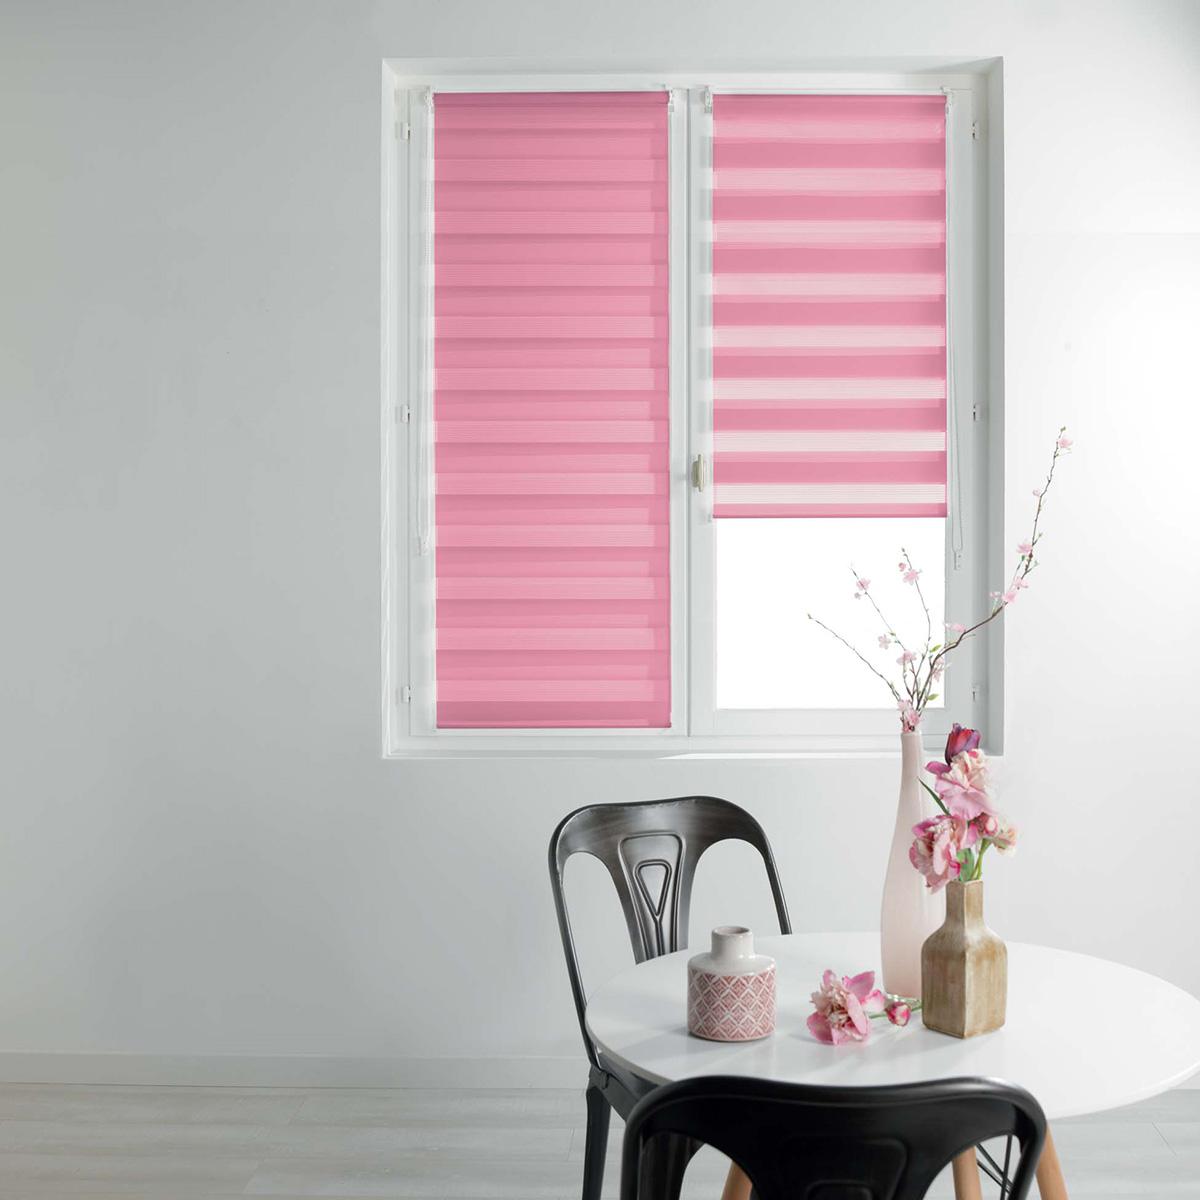 Store Enrouleur Jour/ Nuit Uni et Coloré - Rose - 60 x 90cm